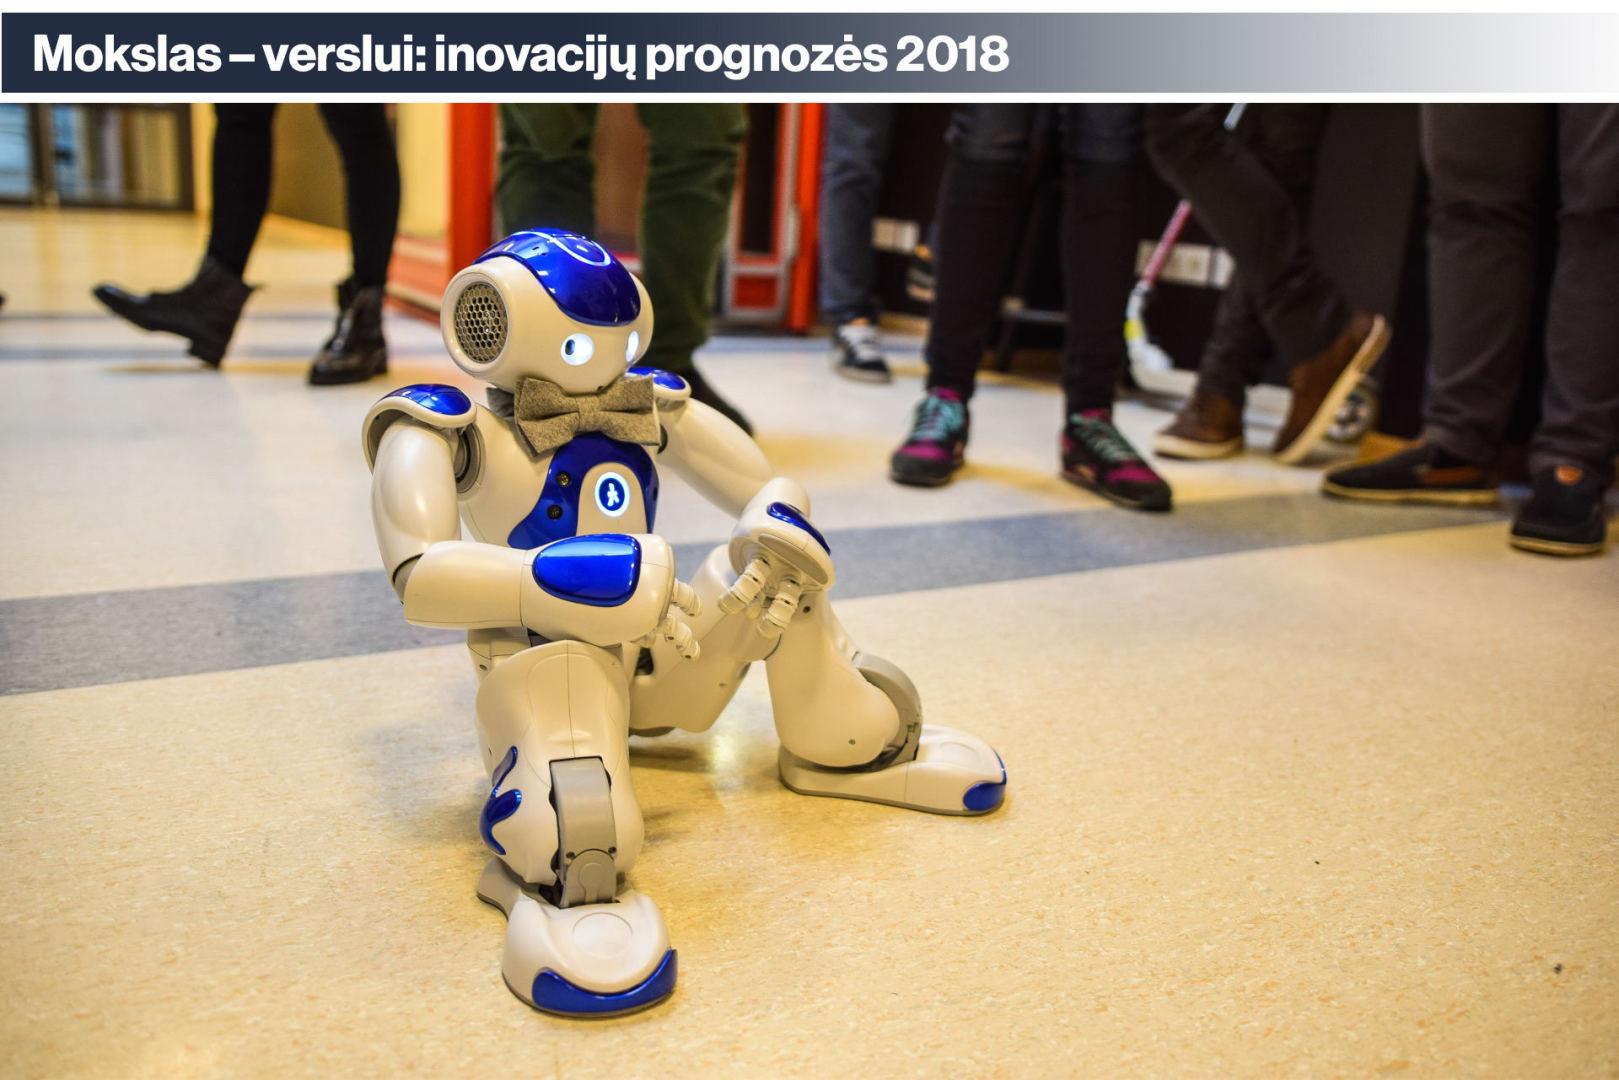 Modernūs dėvimi robotai saugo sveikatą